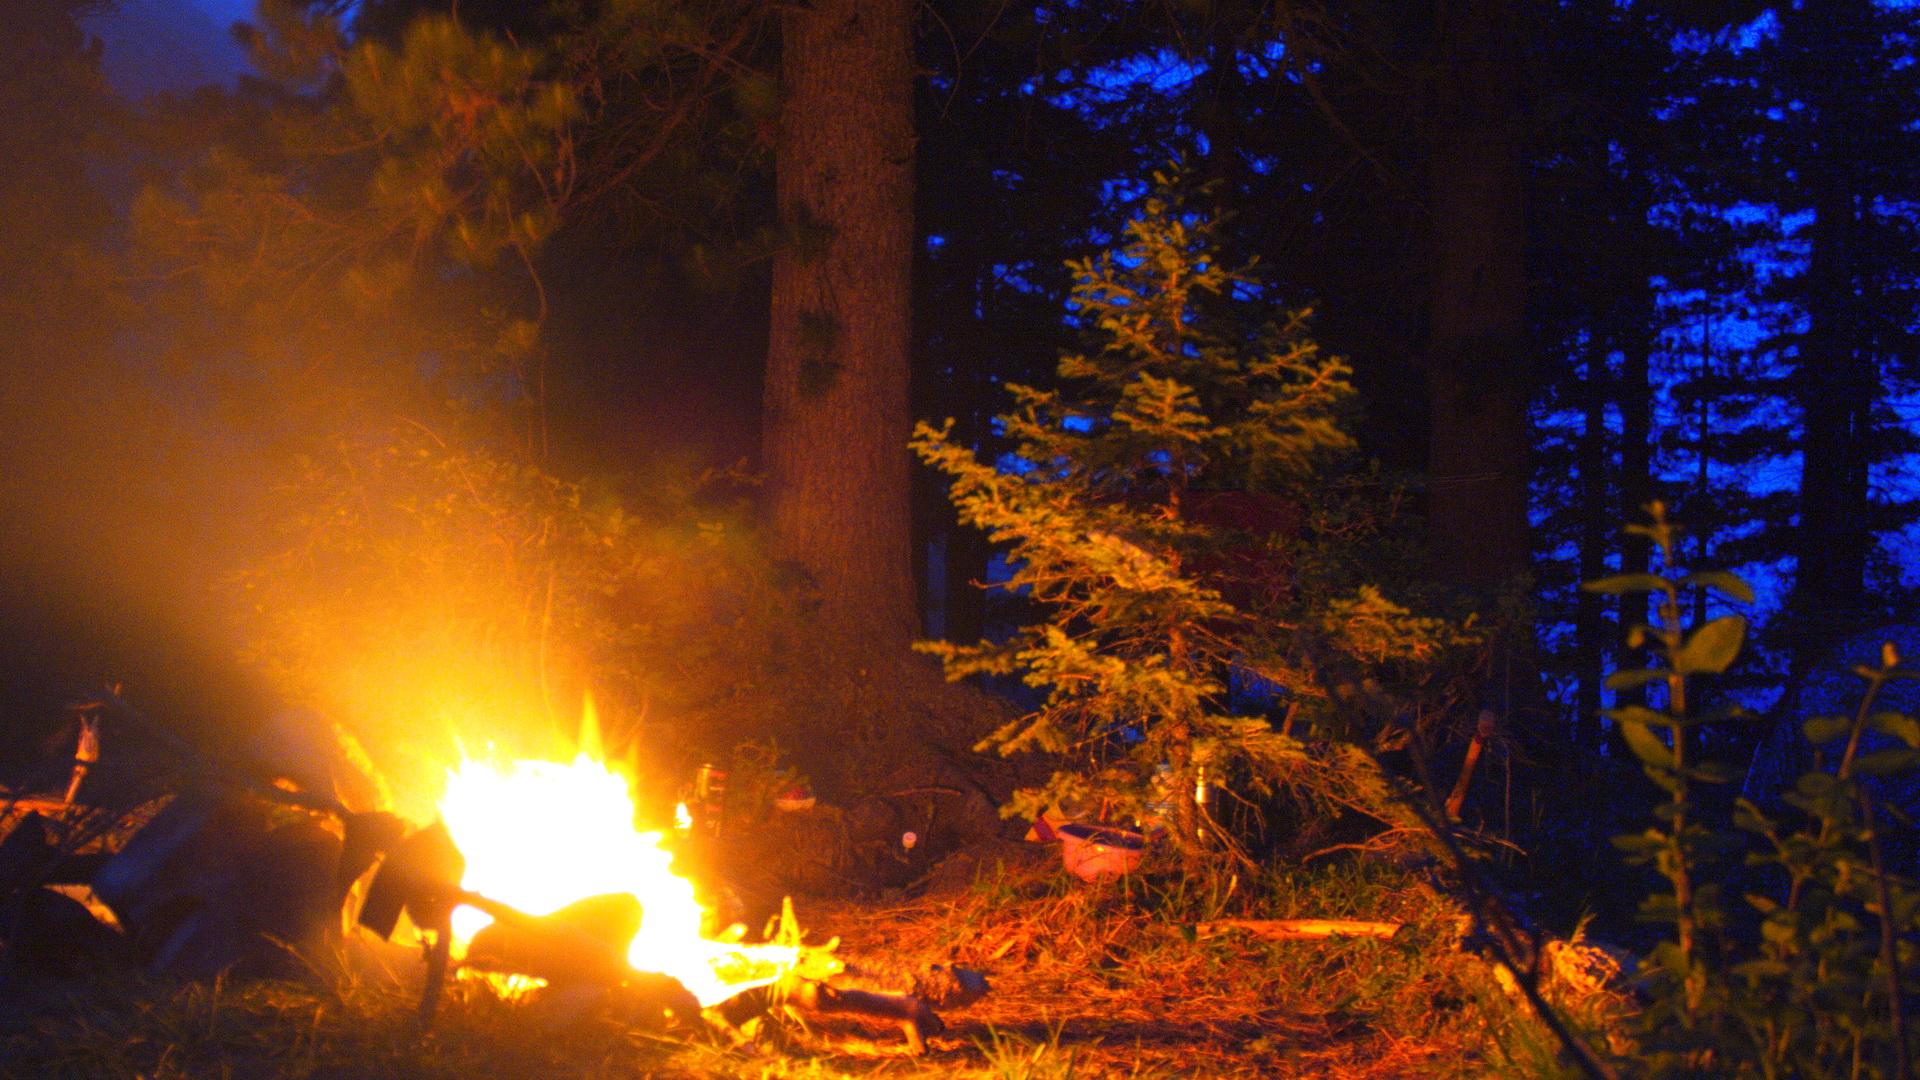 Спокойствие умиротворение огонь костер  № 3560324 бесплатно